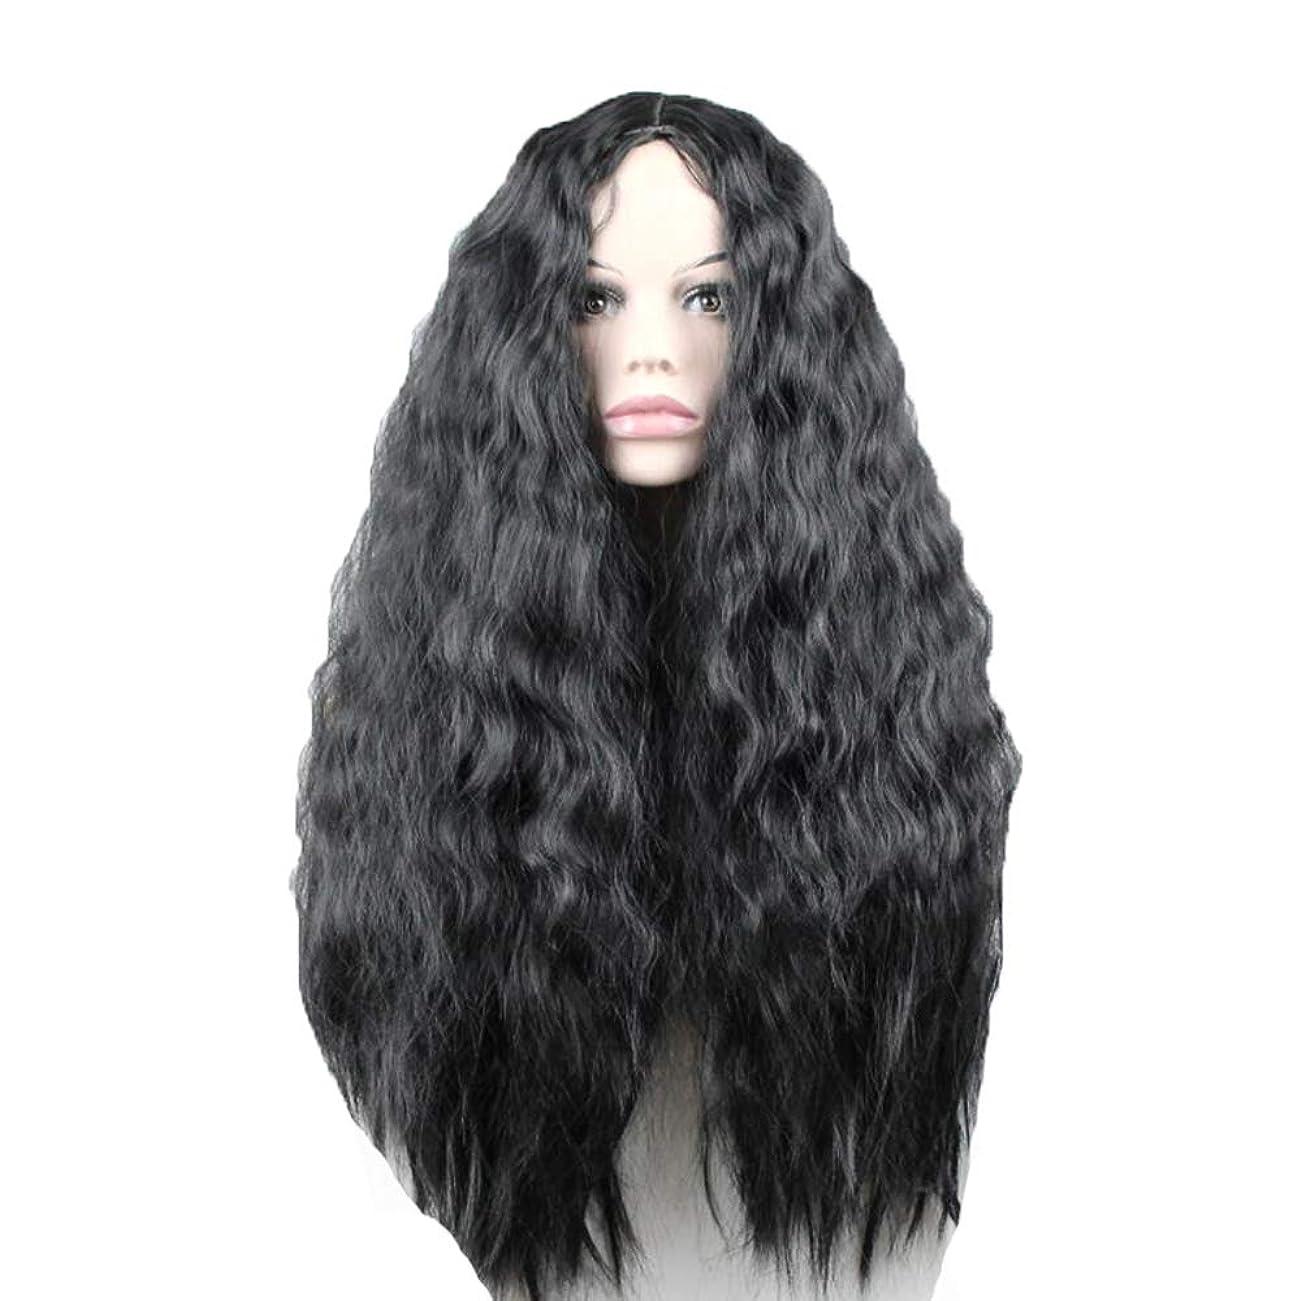 征服者不快ミトンかつら - ファッションロングロール高温シルクウィッグパーティーロールハロウィーン60cm黒を演奏 (色 : 黒, サイズ さいず : 60 cm 60 cm)